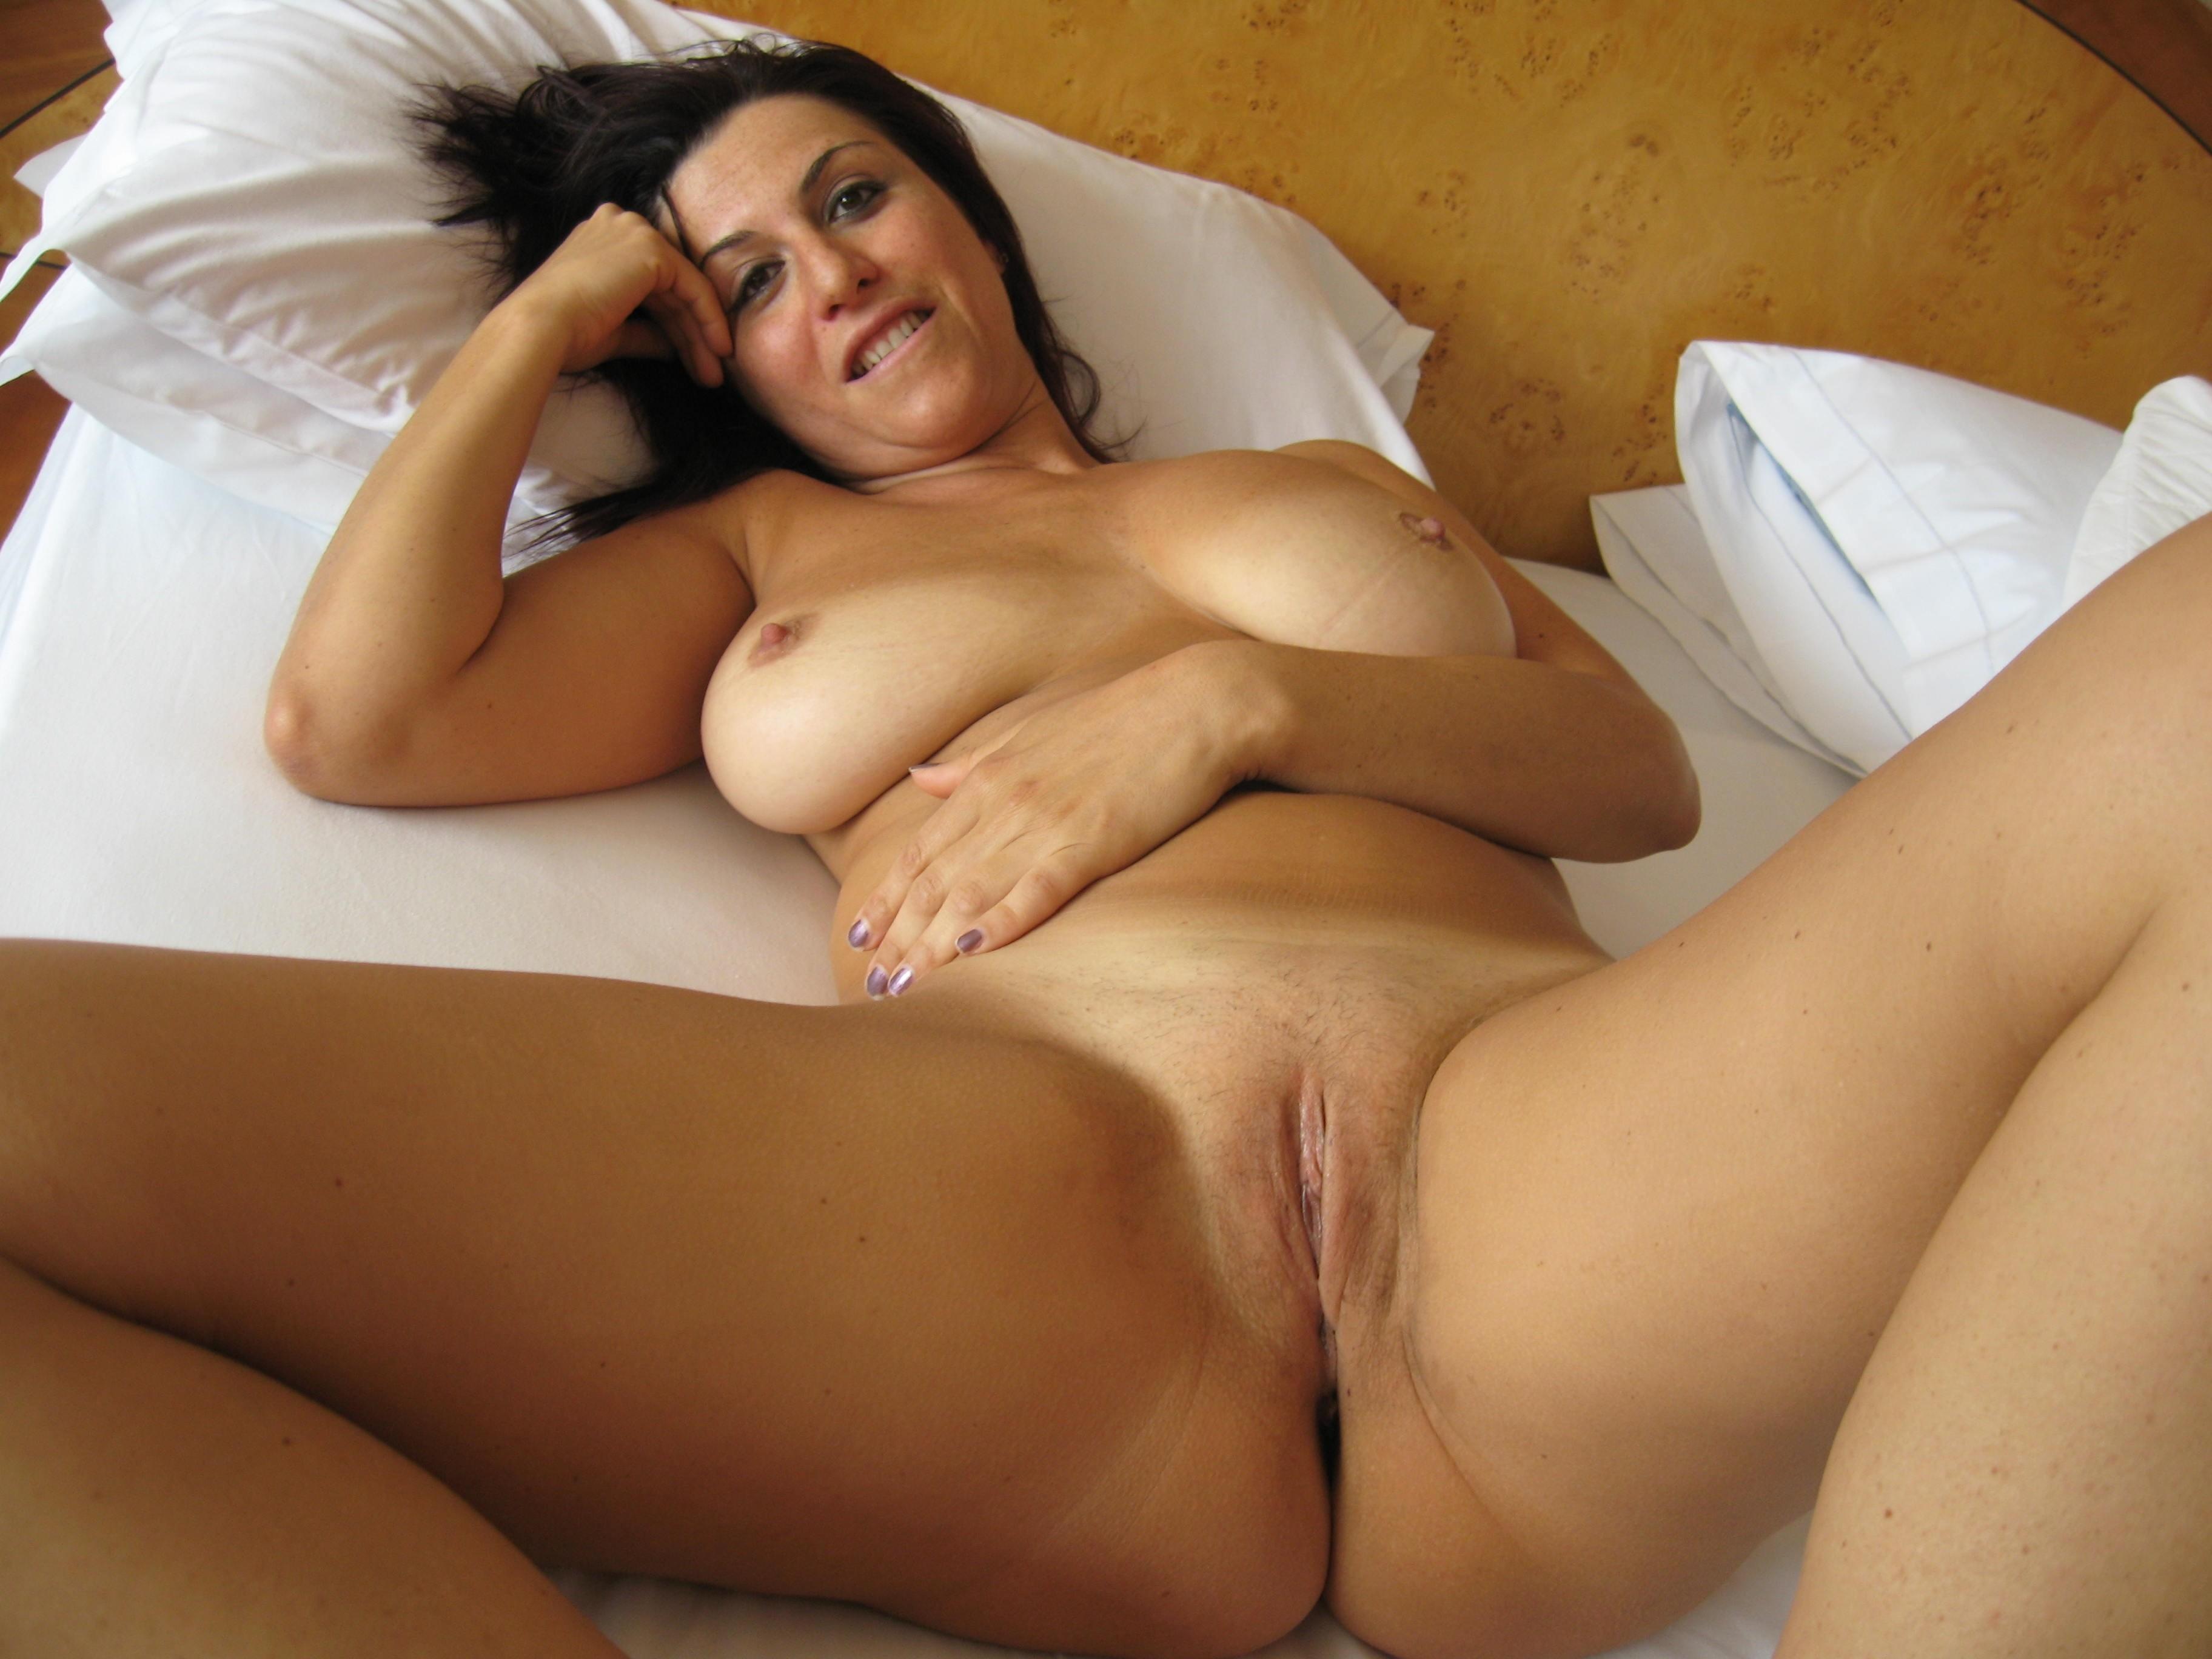 Порно красивые формы тела - Онлайн фильмы 18+ для самых отчаянных ...